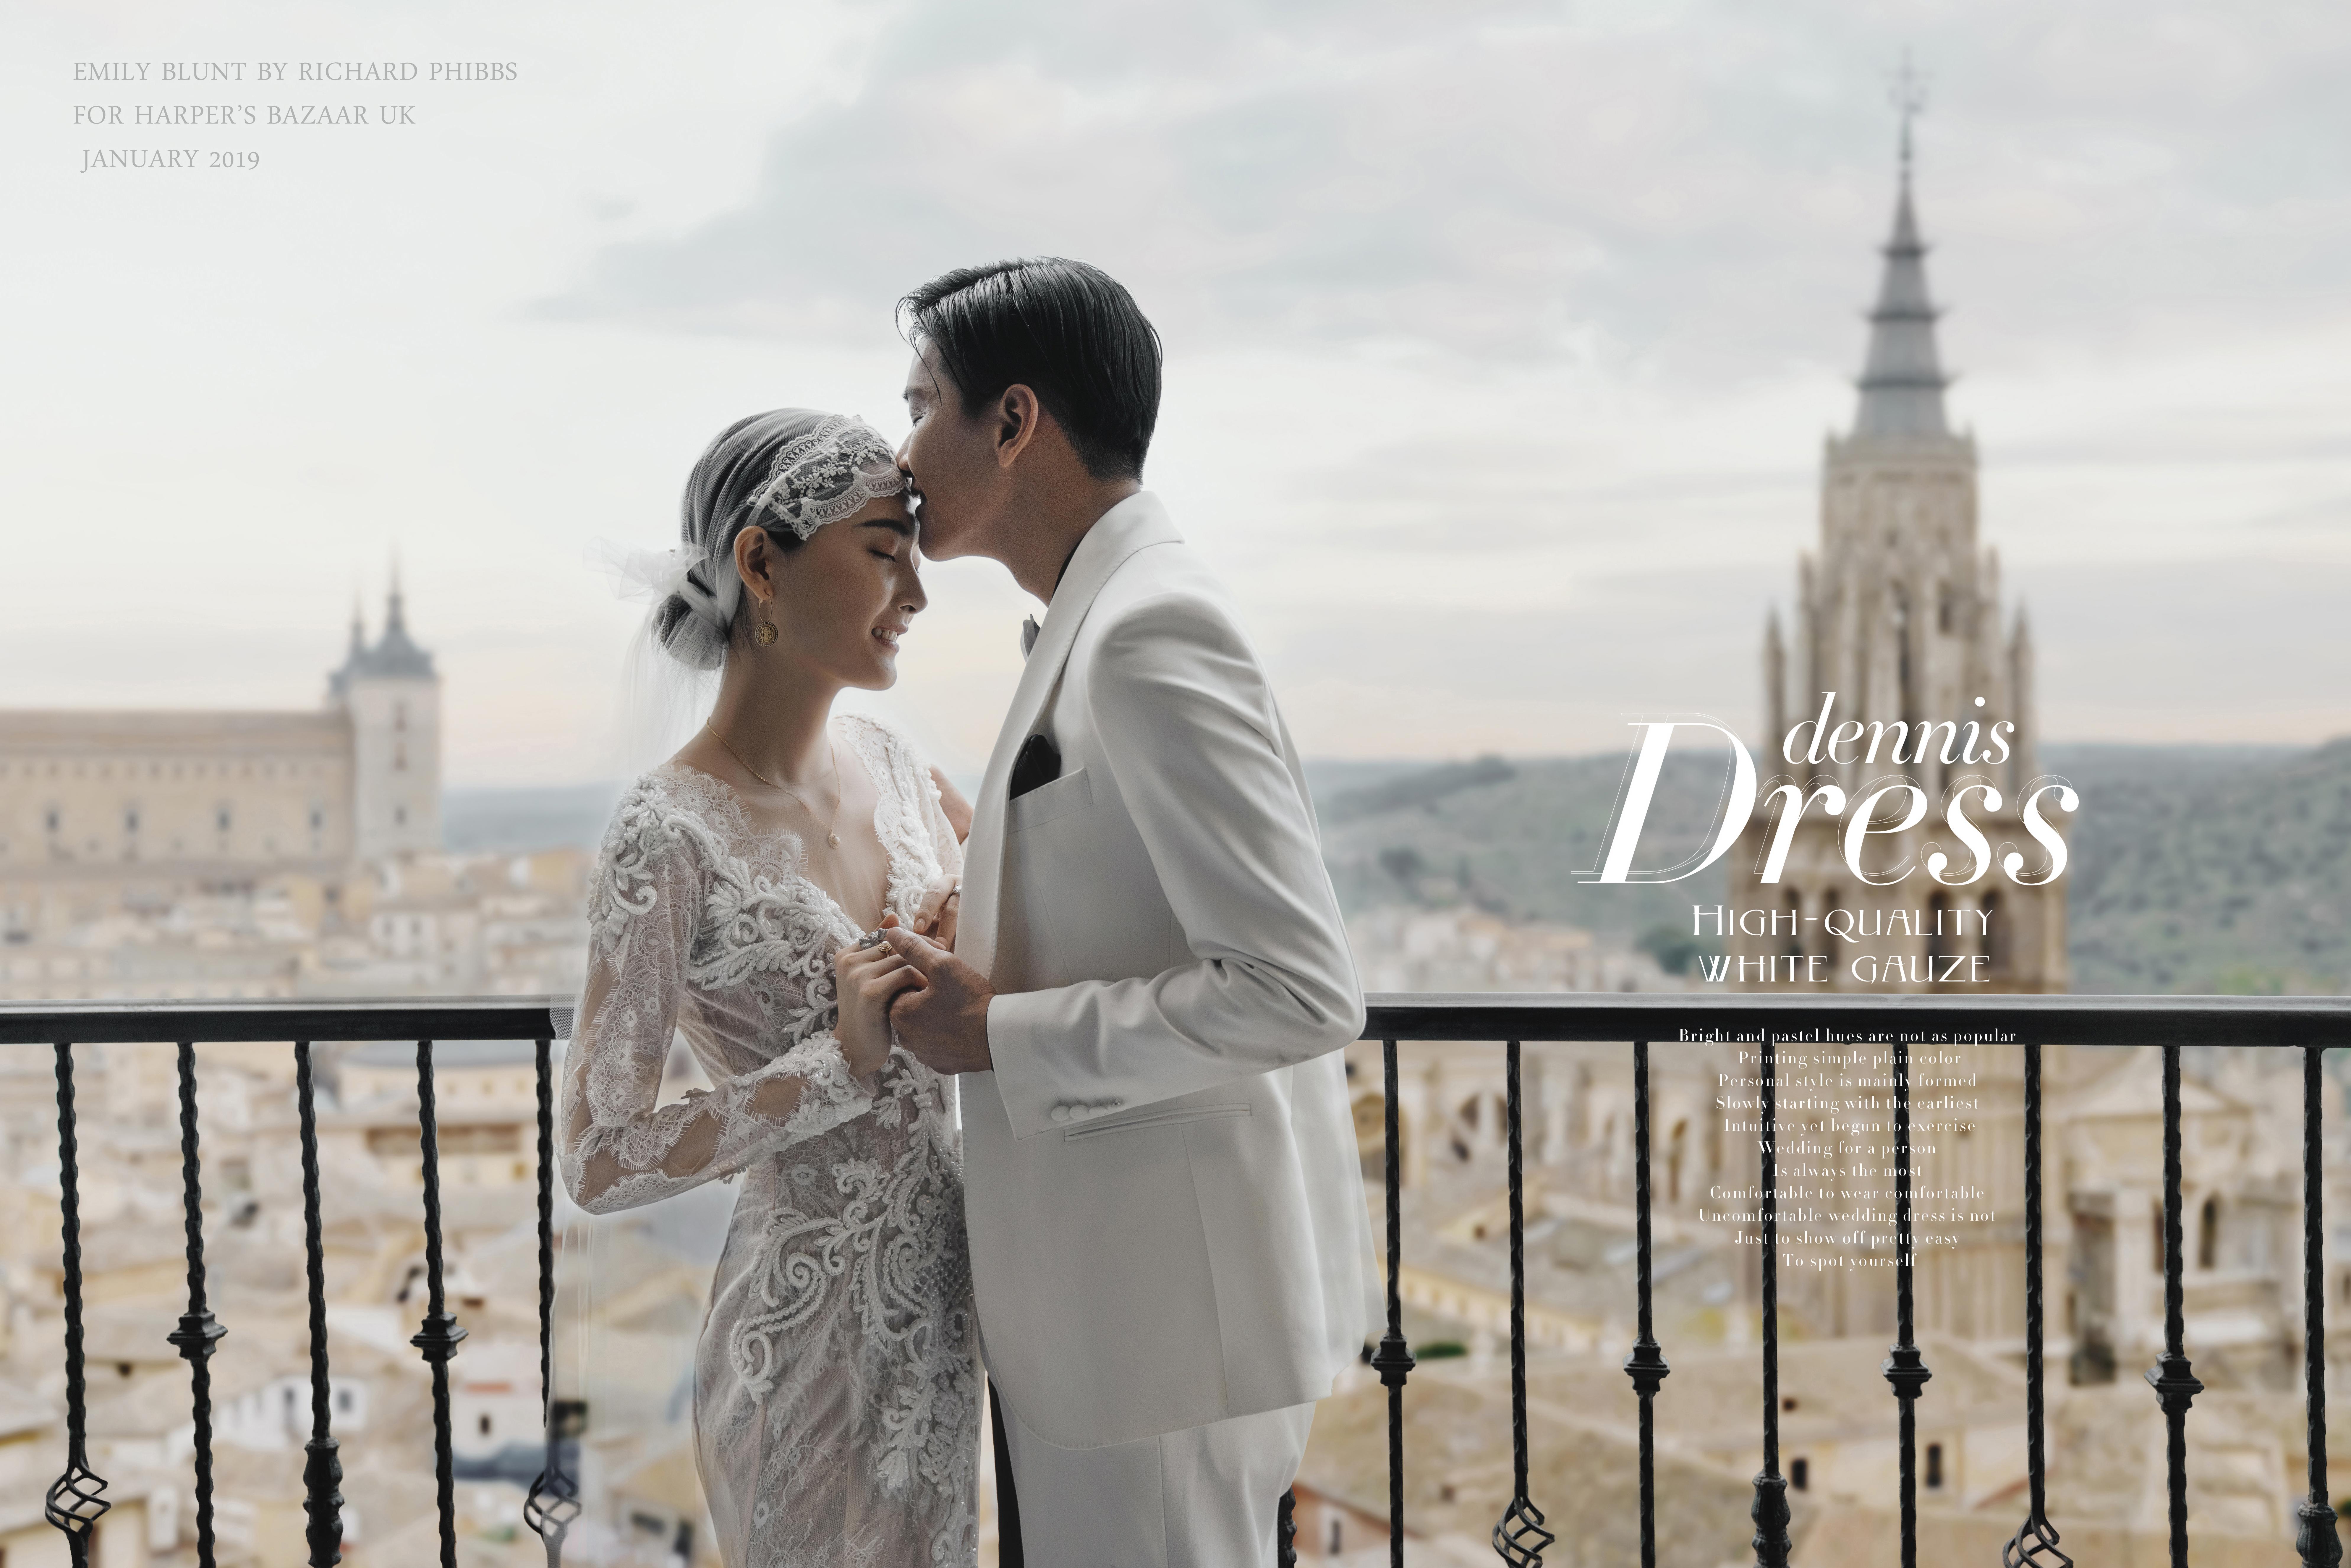 厦门婚纱照套餐定价怎么样?在厦门拍一套婚纱照会不会很贵?